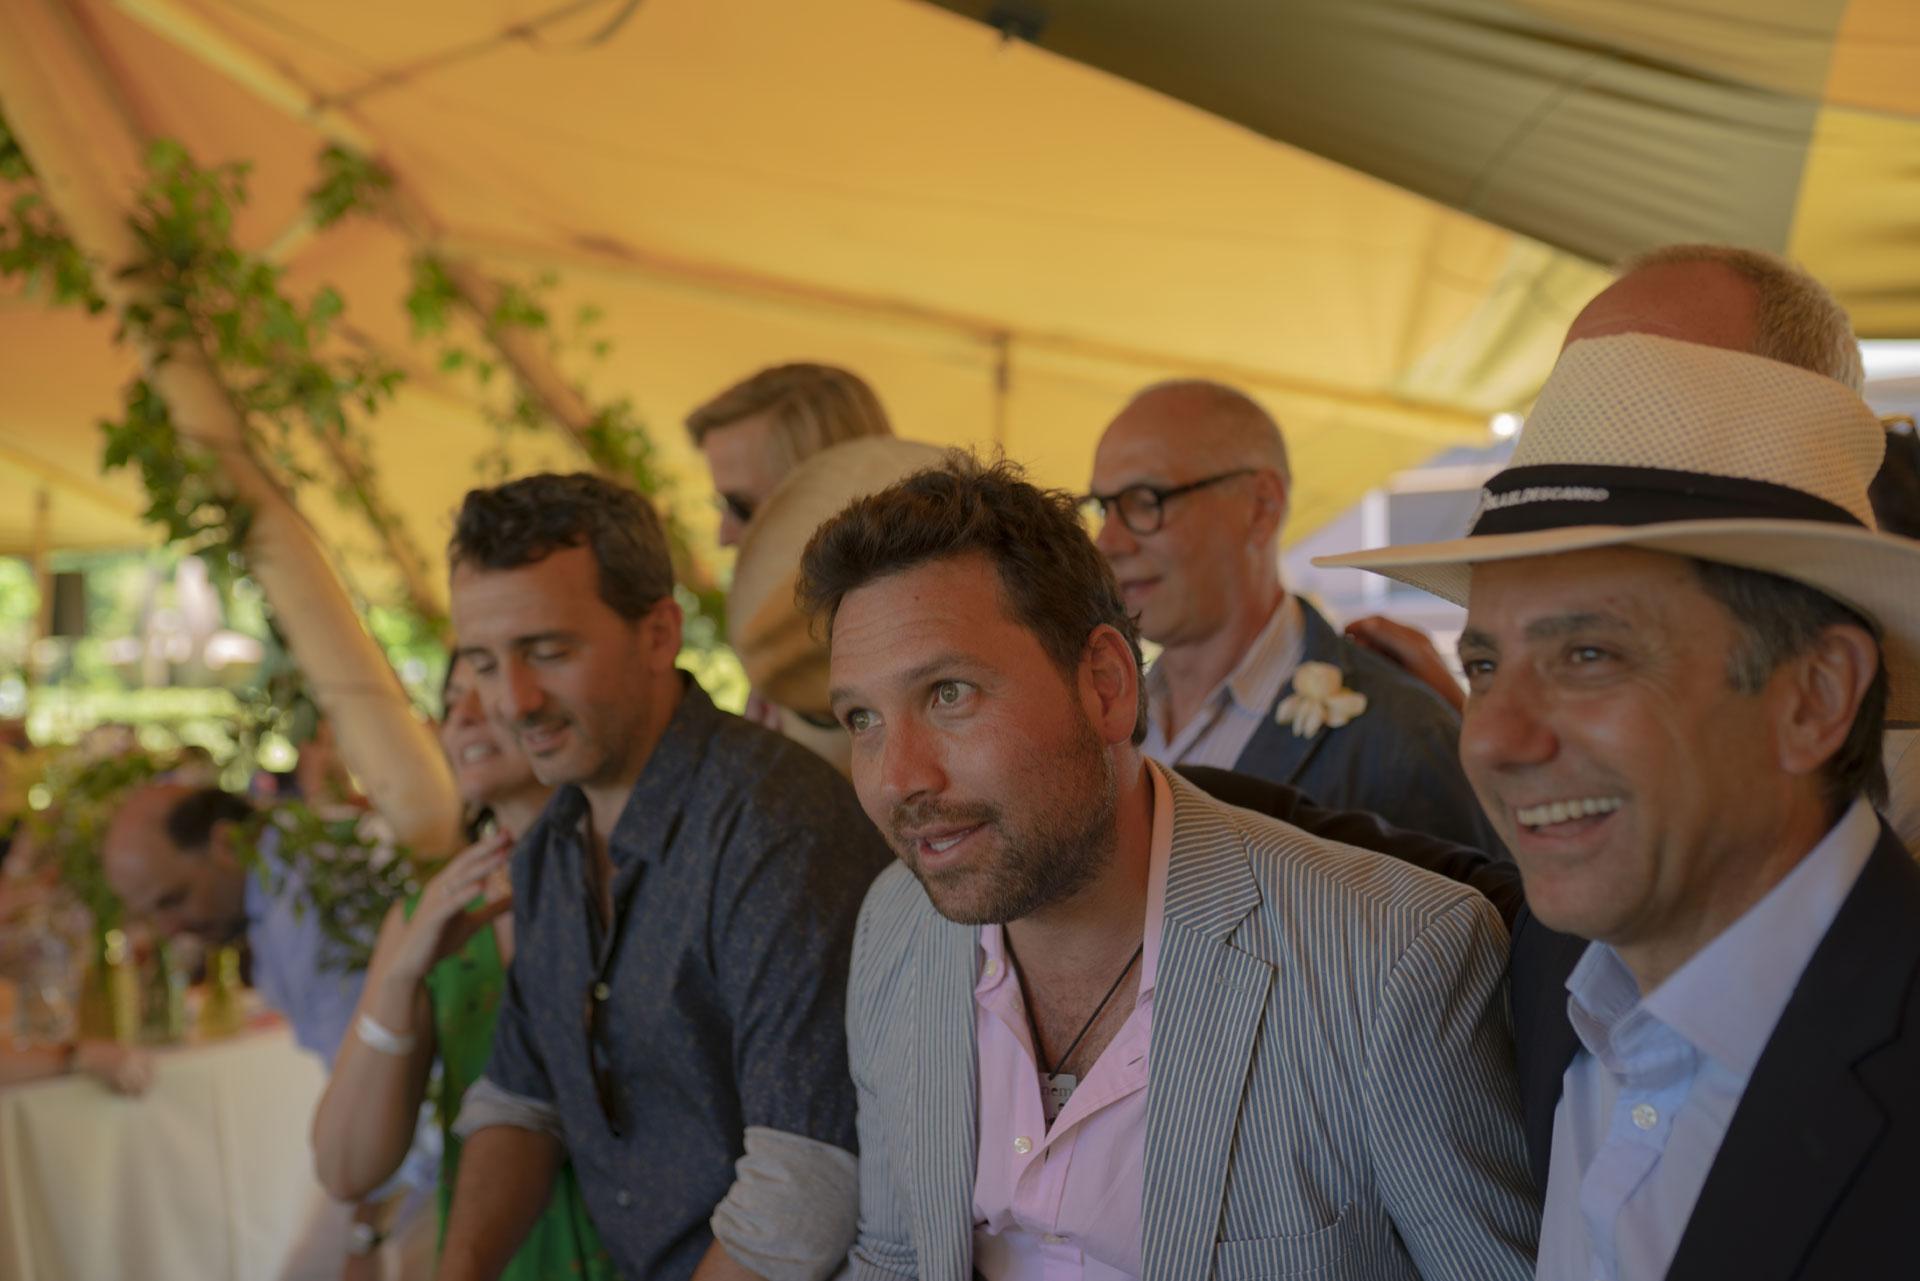 Felipe Durán y Claudio Stamato, dueños de la isla donde se llevó a cabo el gran evento